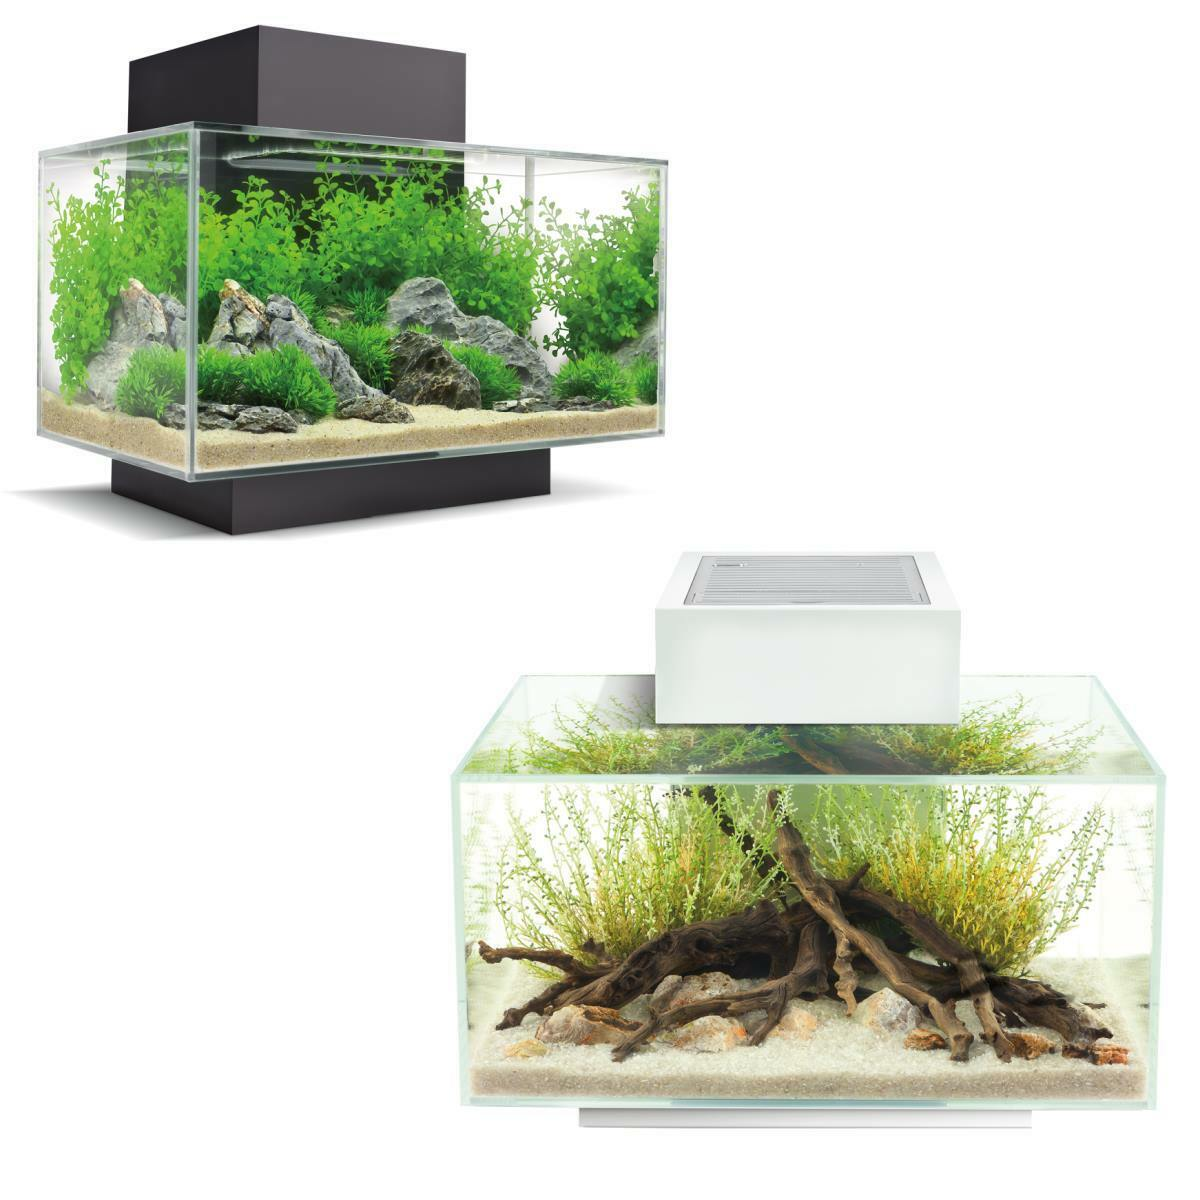 Aquarium Fluval Edge 2.0 - Tisch-Aquarium 23 Liter mit LED-Beleuchtungssystem